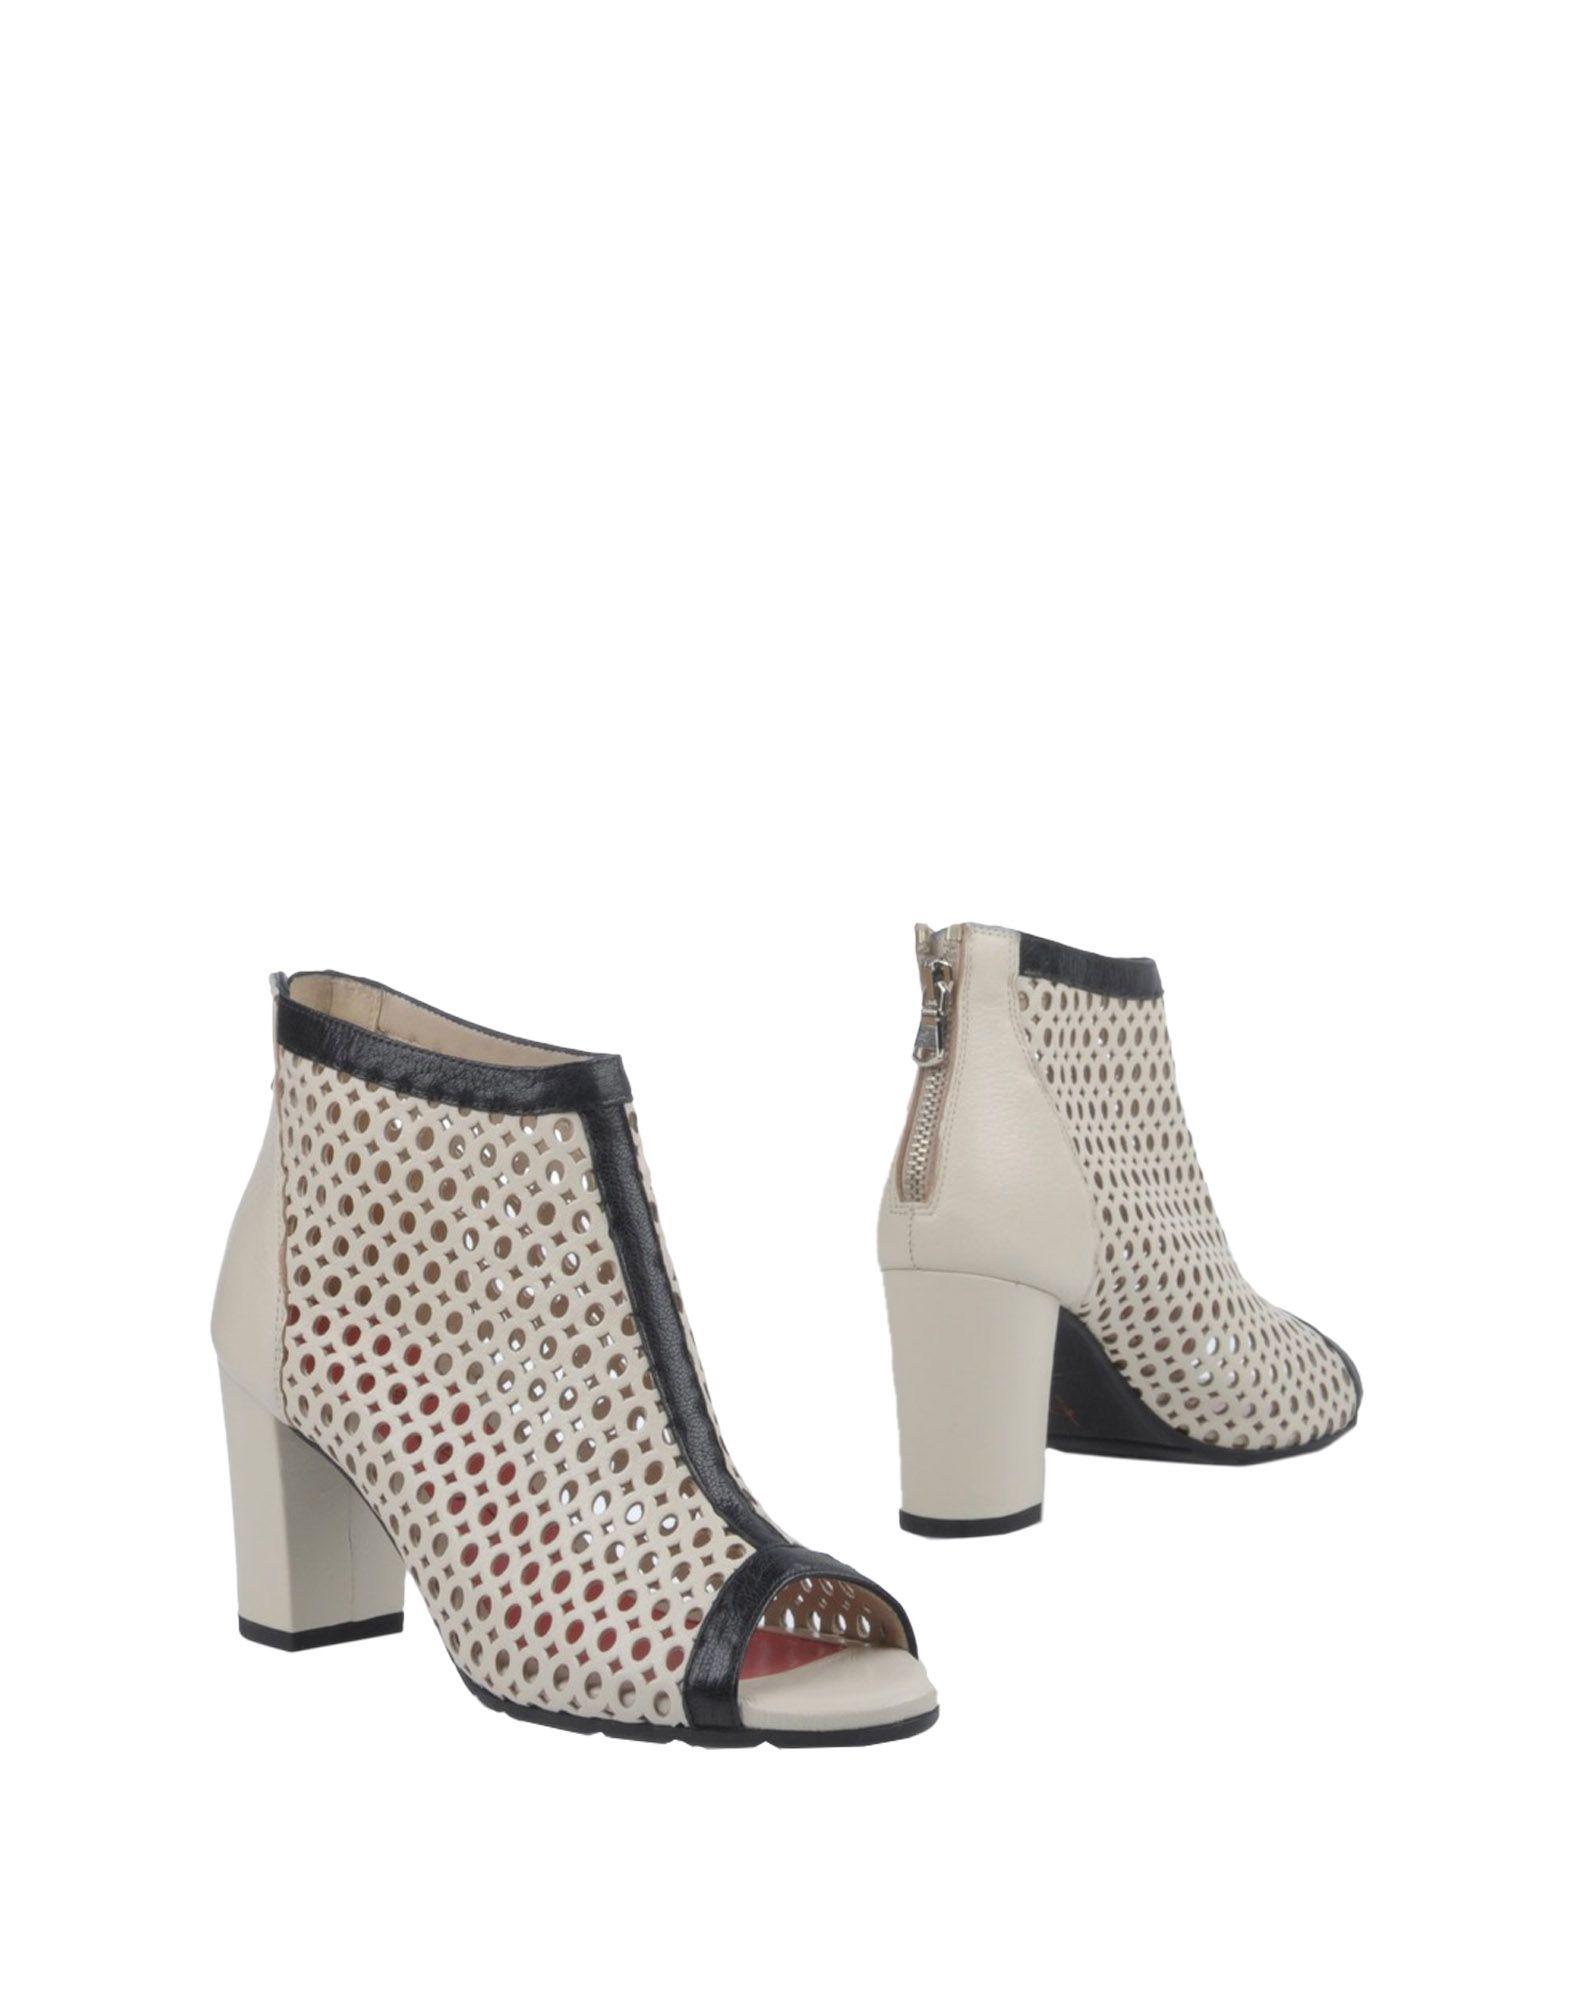 Pas De Schuhe Rouge Stiefelette Damen  11385400QU Gute Qualität beliebte Schuhe De 66e01c